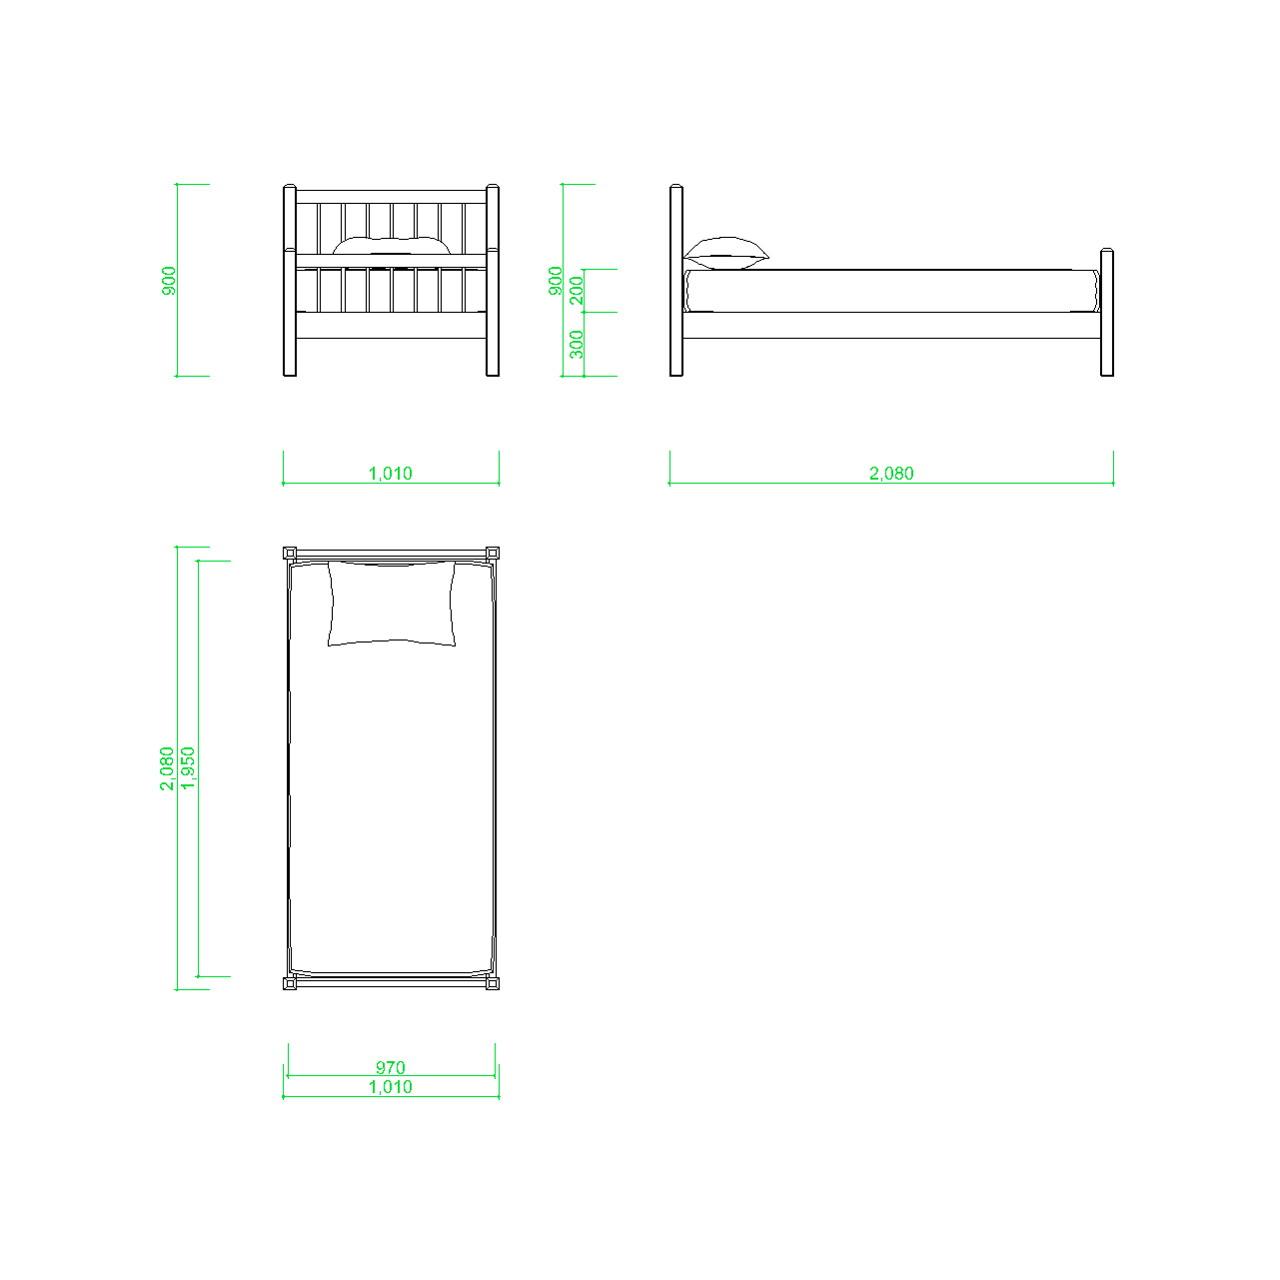 シングルサイズのベッドの2DCAD部品,無料,商用可能,フリー素材,フリーデータ,AUTOCAD,DWG,DXF,インテリア,interior,家具,furniture,bed,single